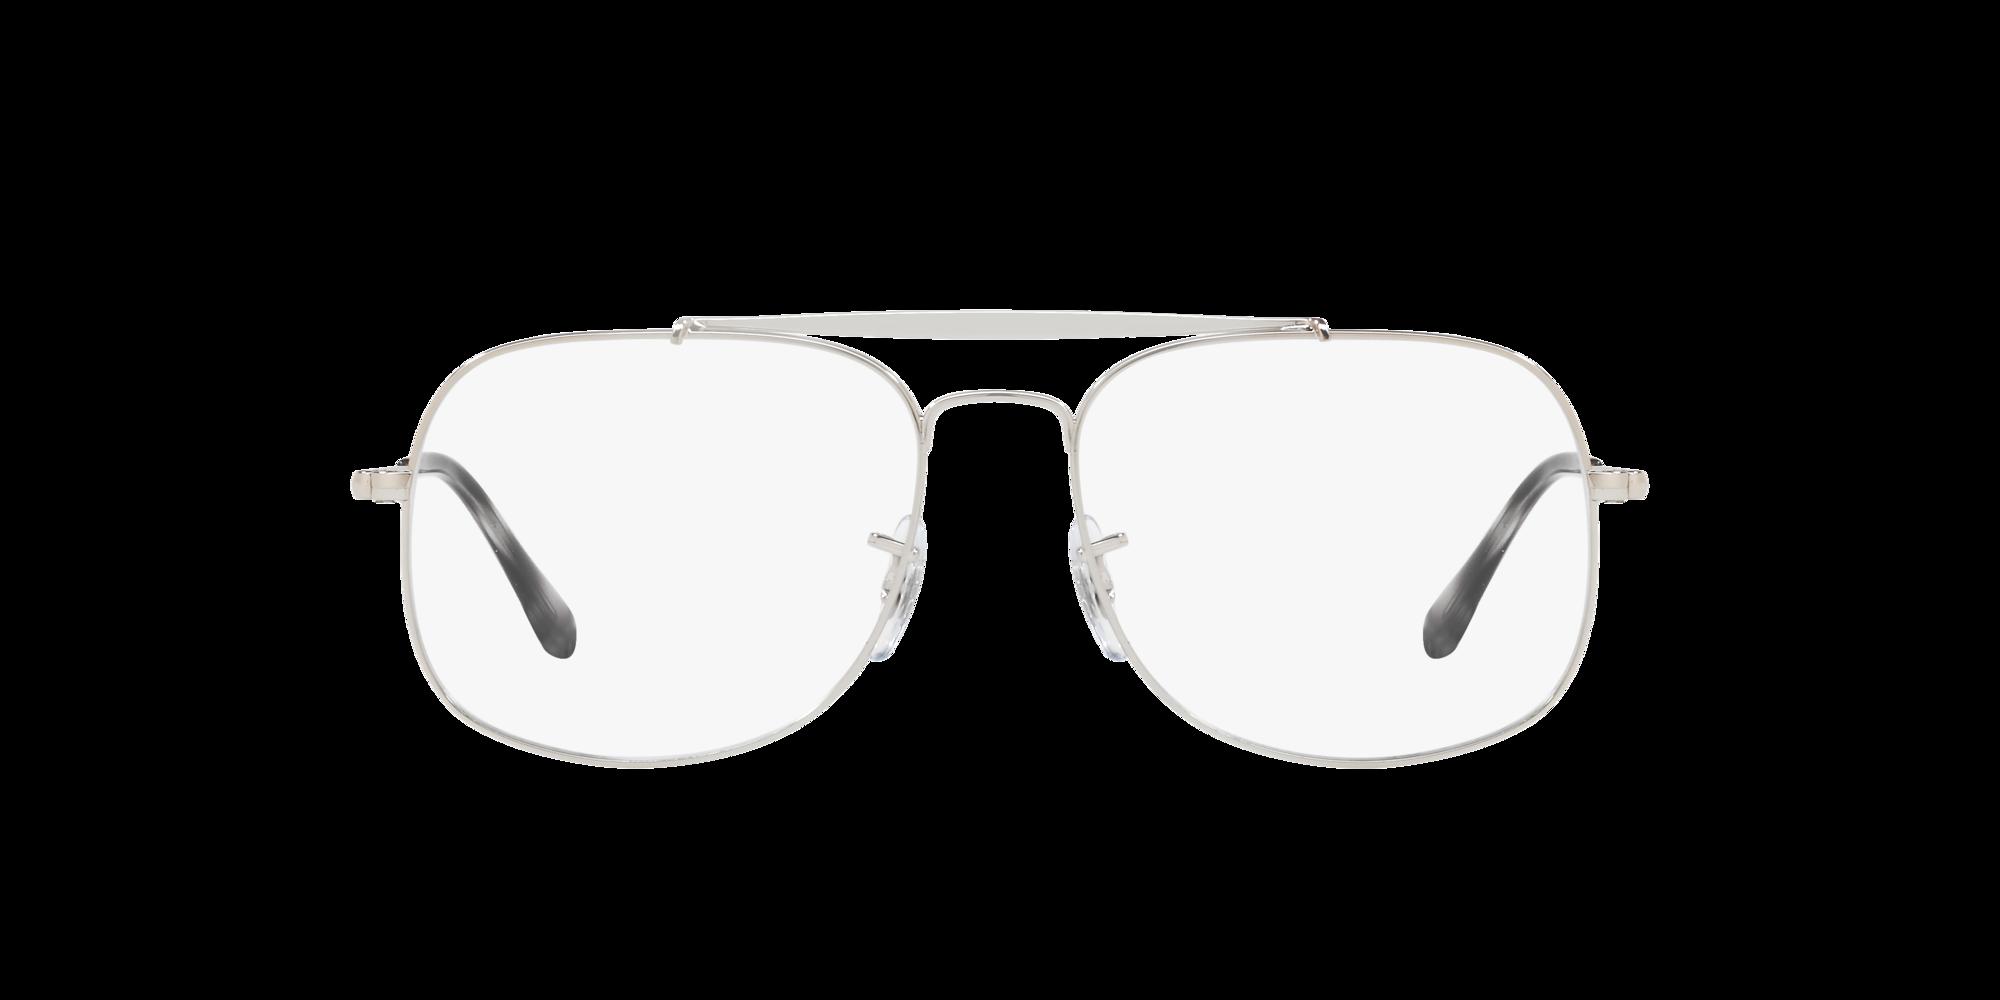 Imagen para RX6389 THE GENERAL de LensCrafters |  Espejuelos, espejuelos graduados en línea, gafas